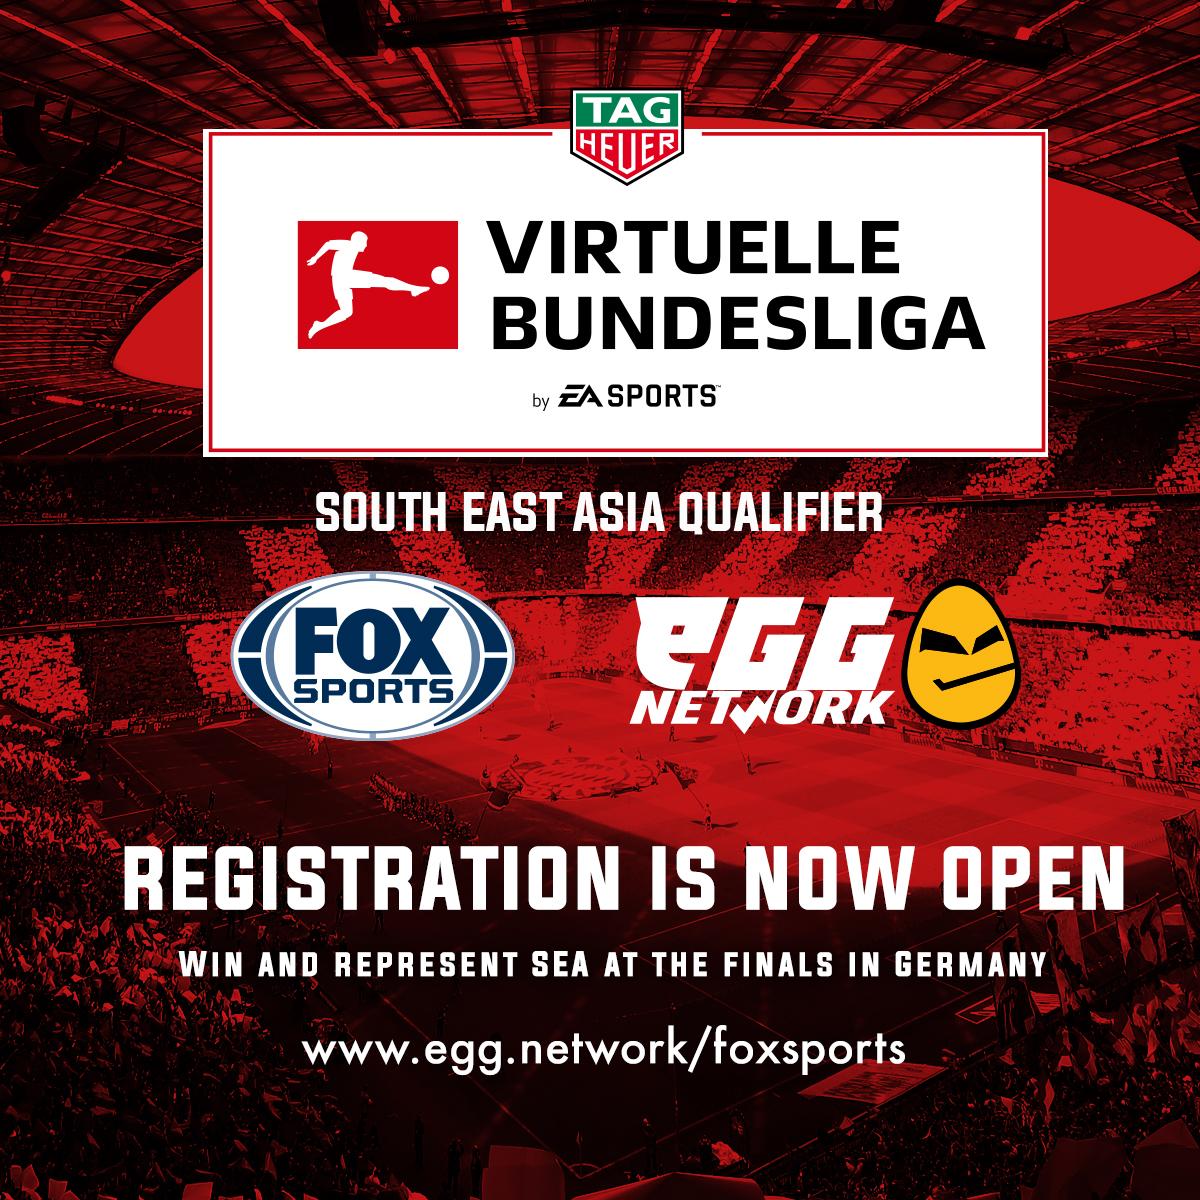 Virtuelle Bundesliga.jpg